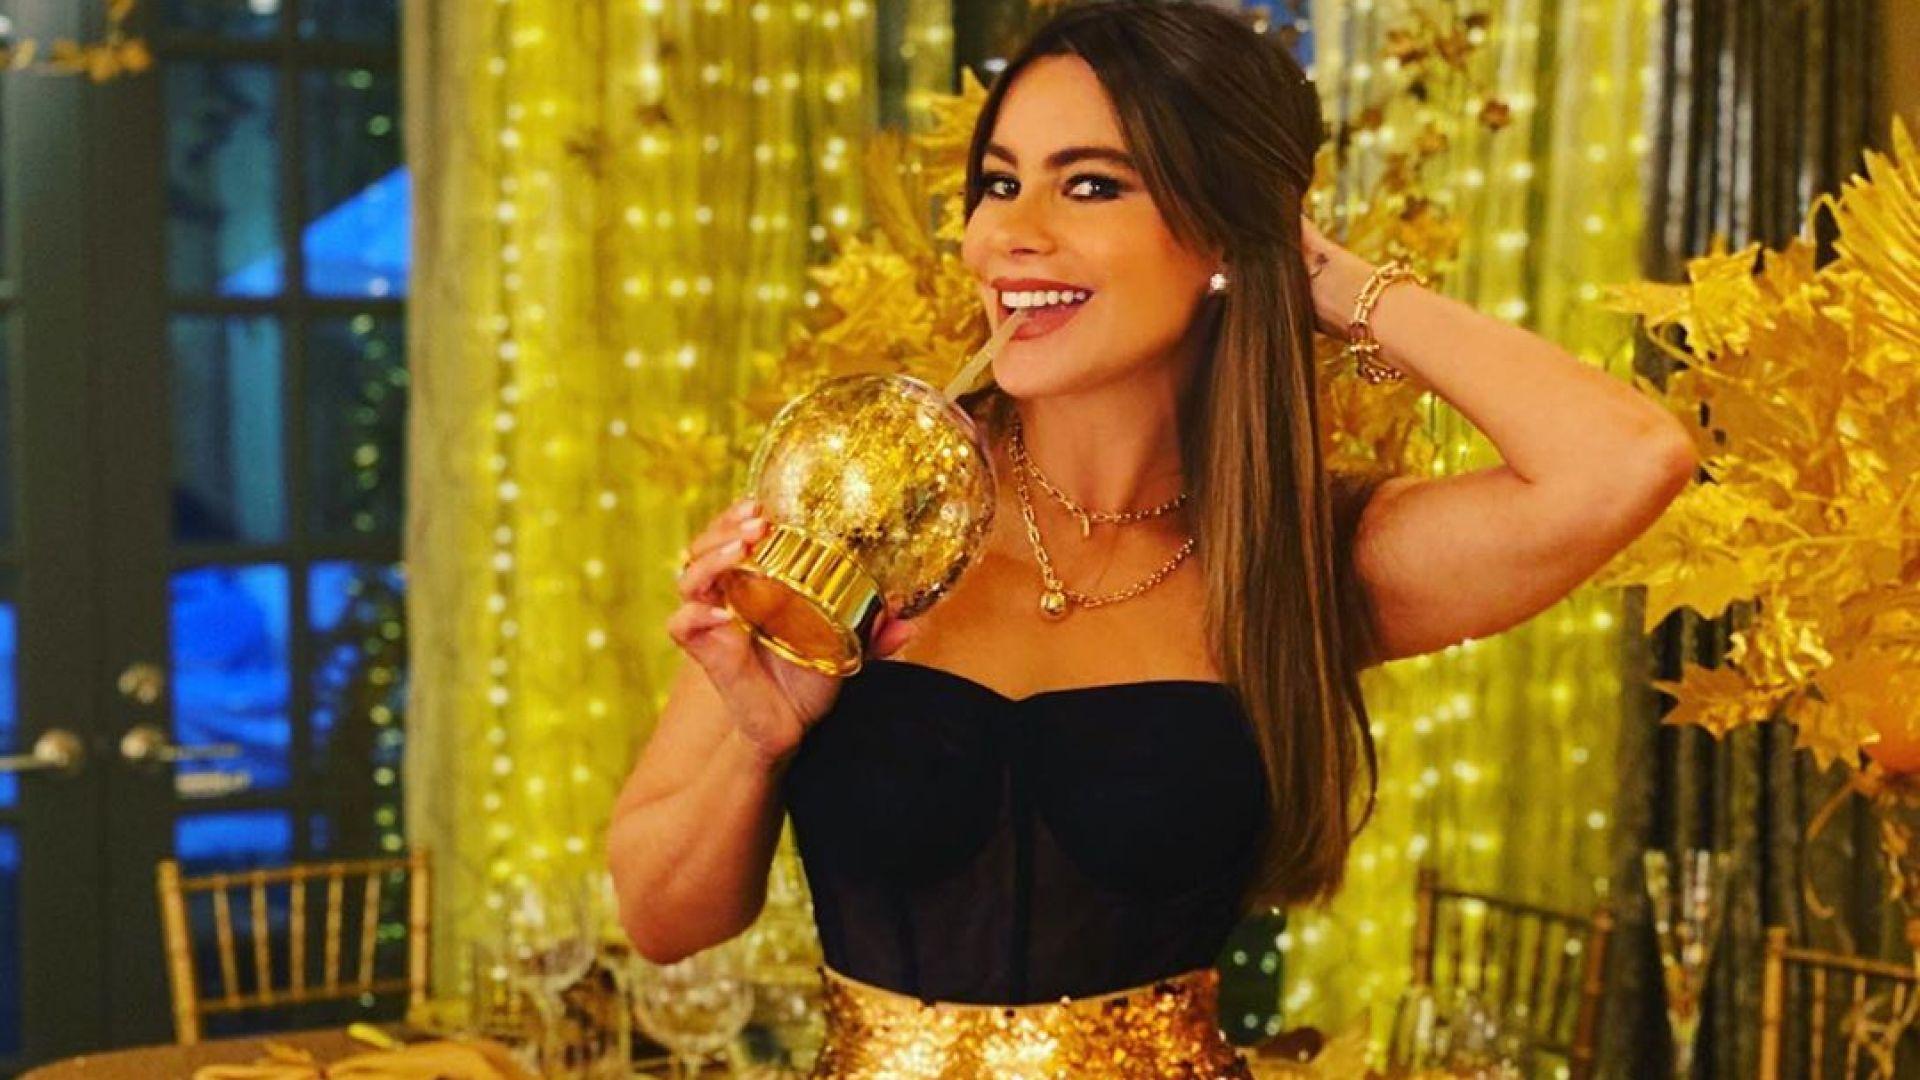 Сексапилната София Вергара блести в злато на празнична вечеря